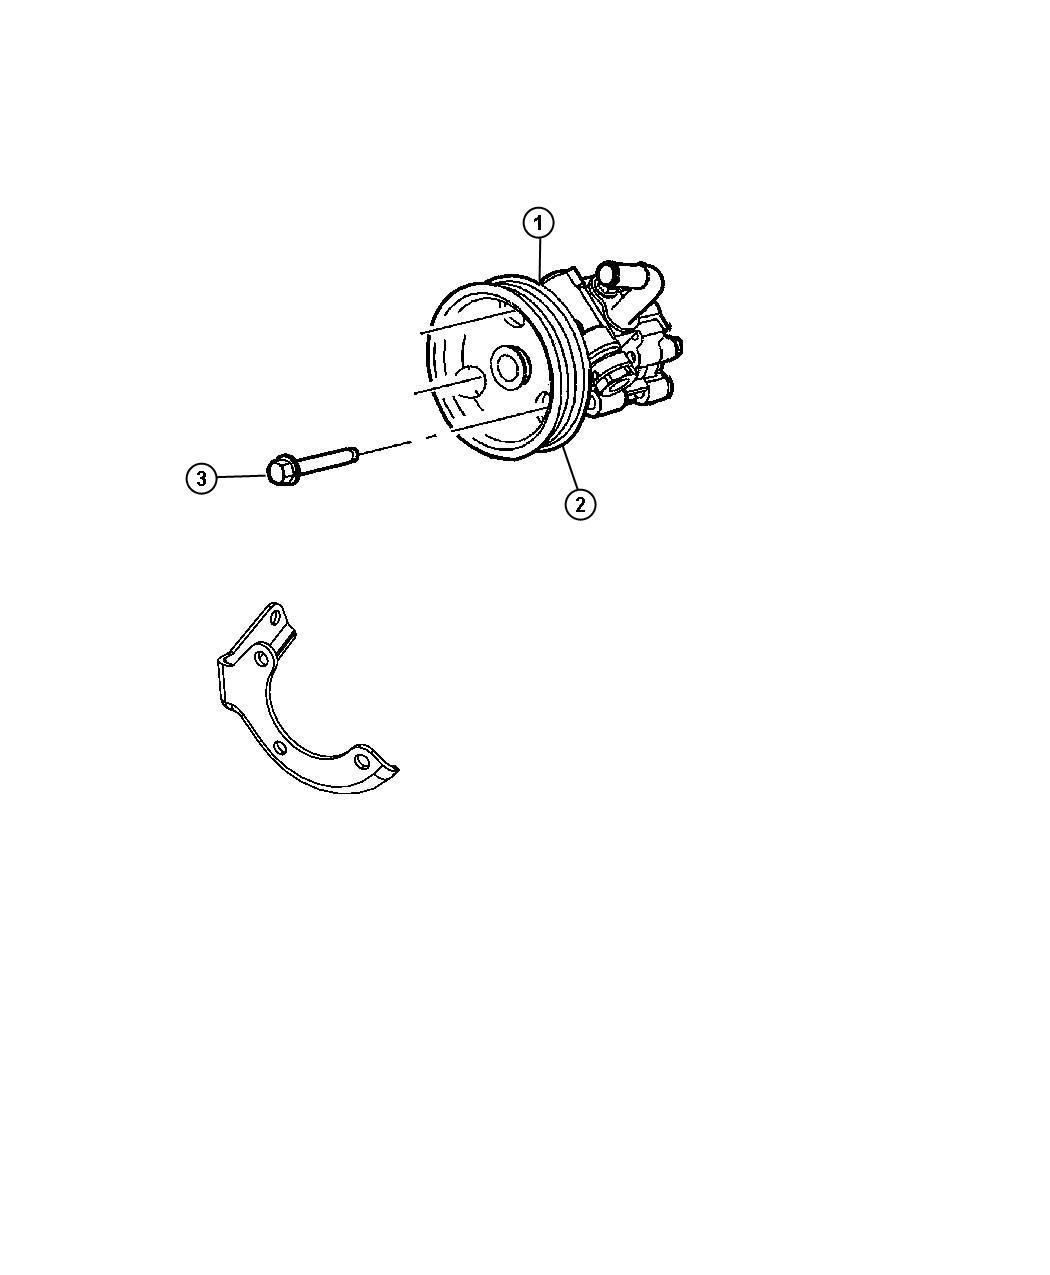 2008 Jeep Grand Cherokee Pulley  Power Steering Pump  Diesel  Turbo  Related